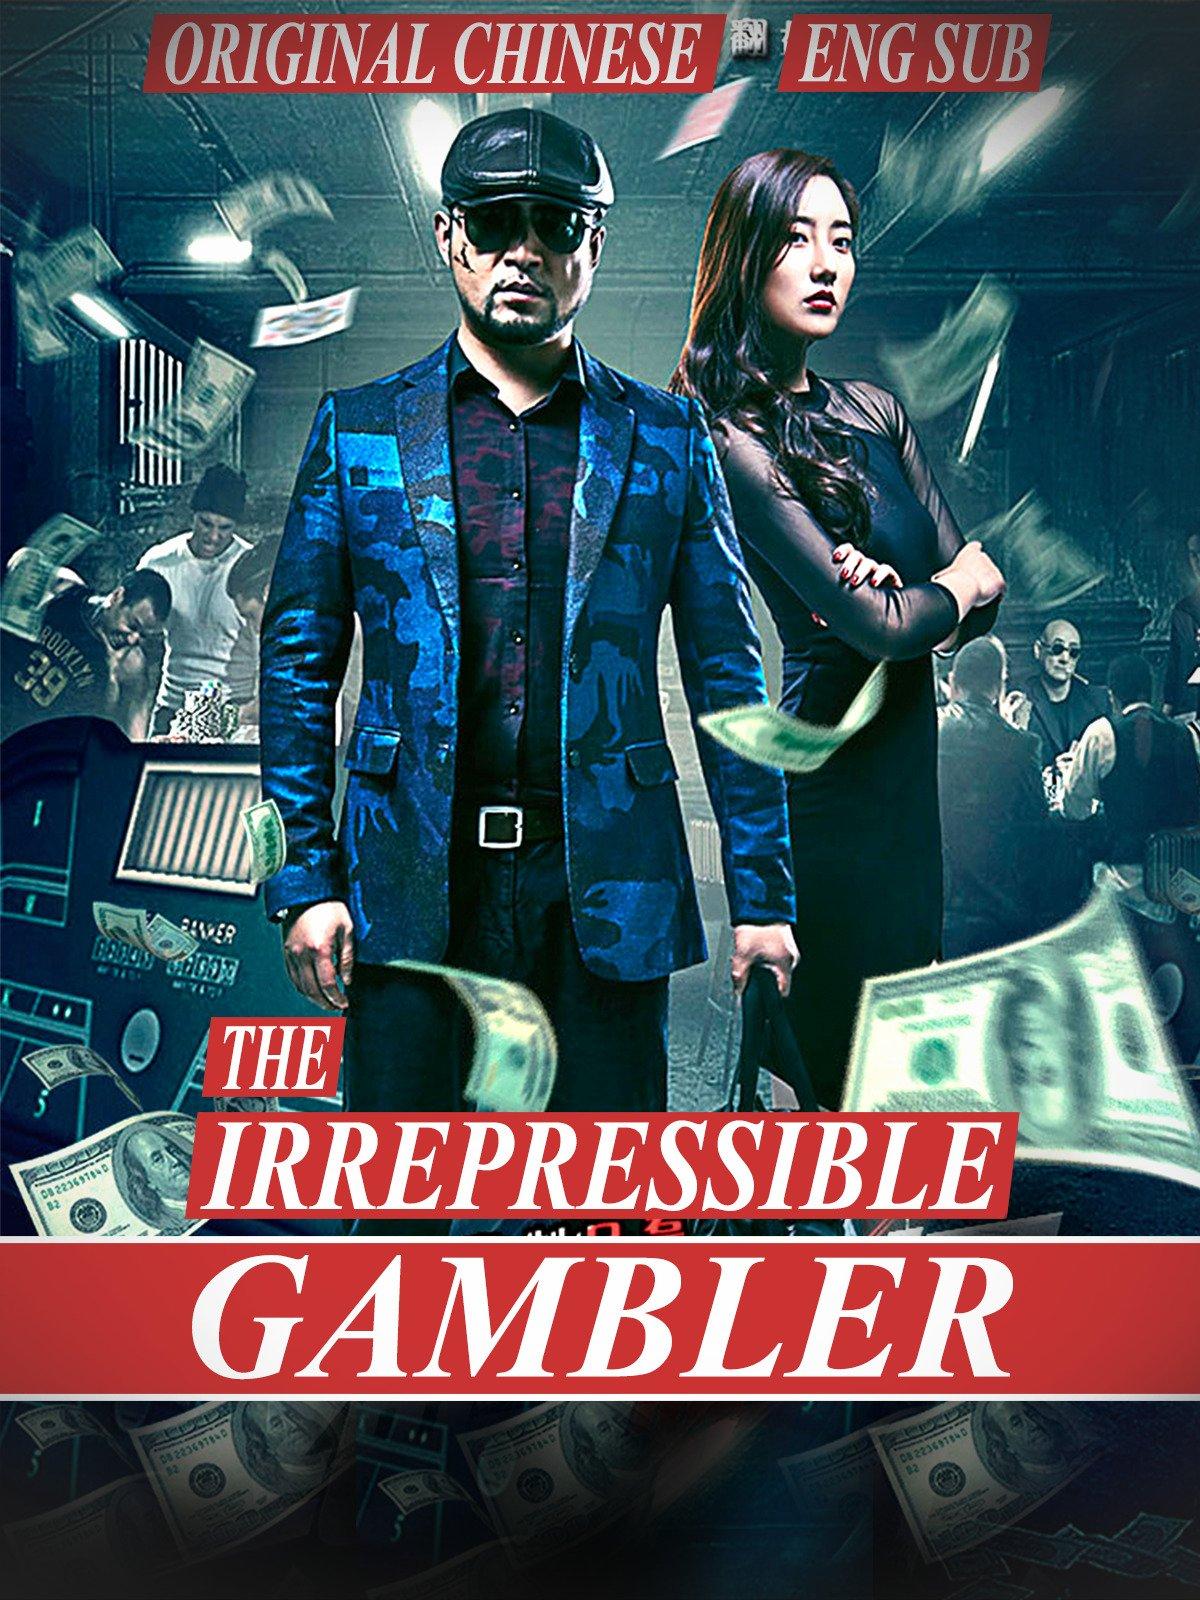 The Irrepressible Gambler [Eng Sub] original Chinese on Amazon Prime Video UK